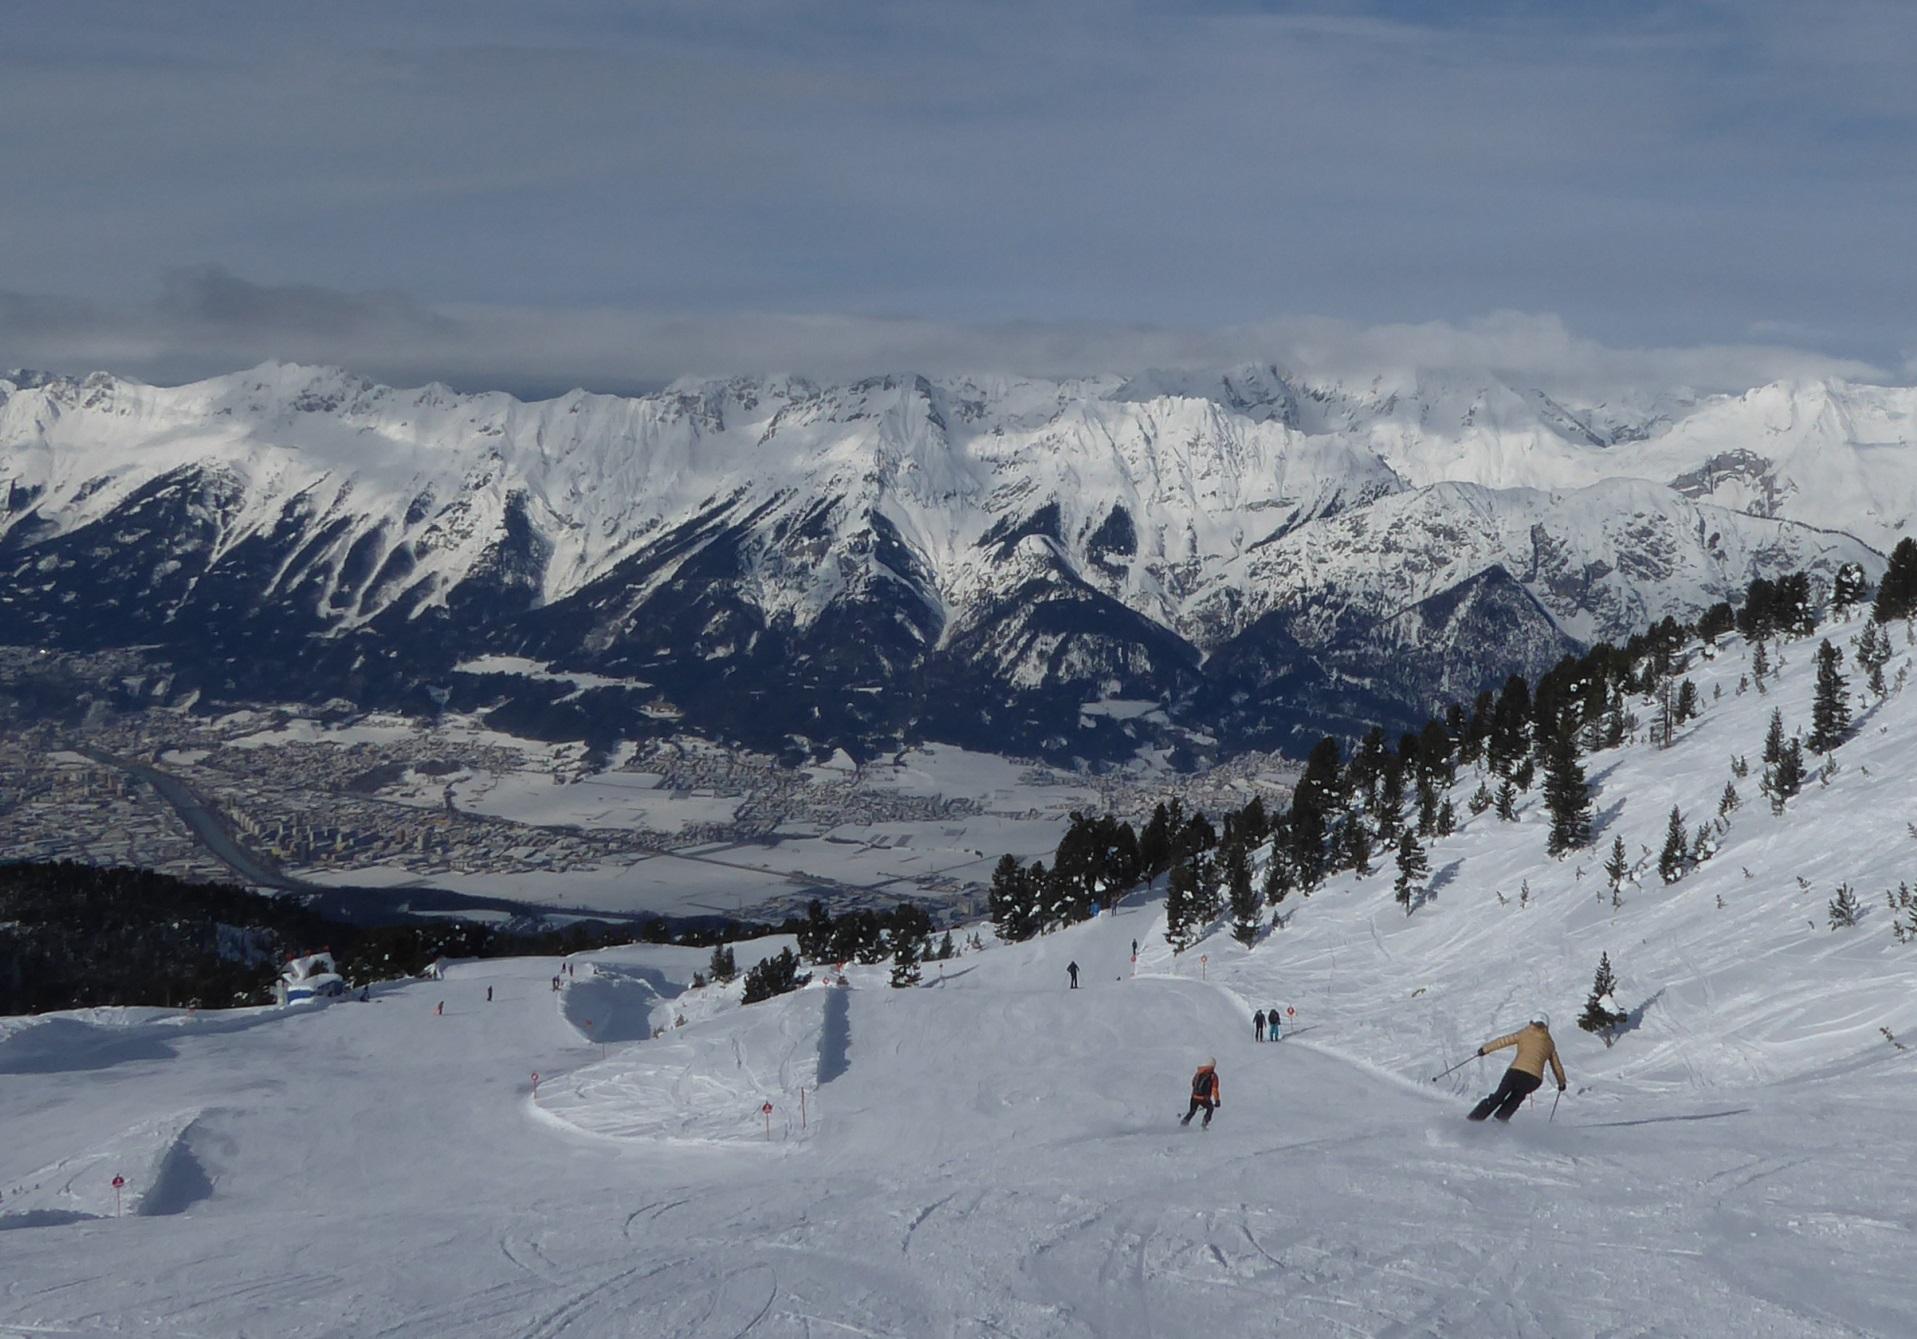 Pistenqualität in Tirol, Glungezer